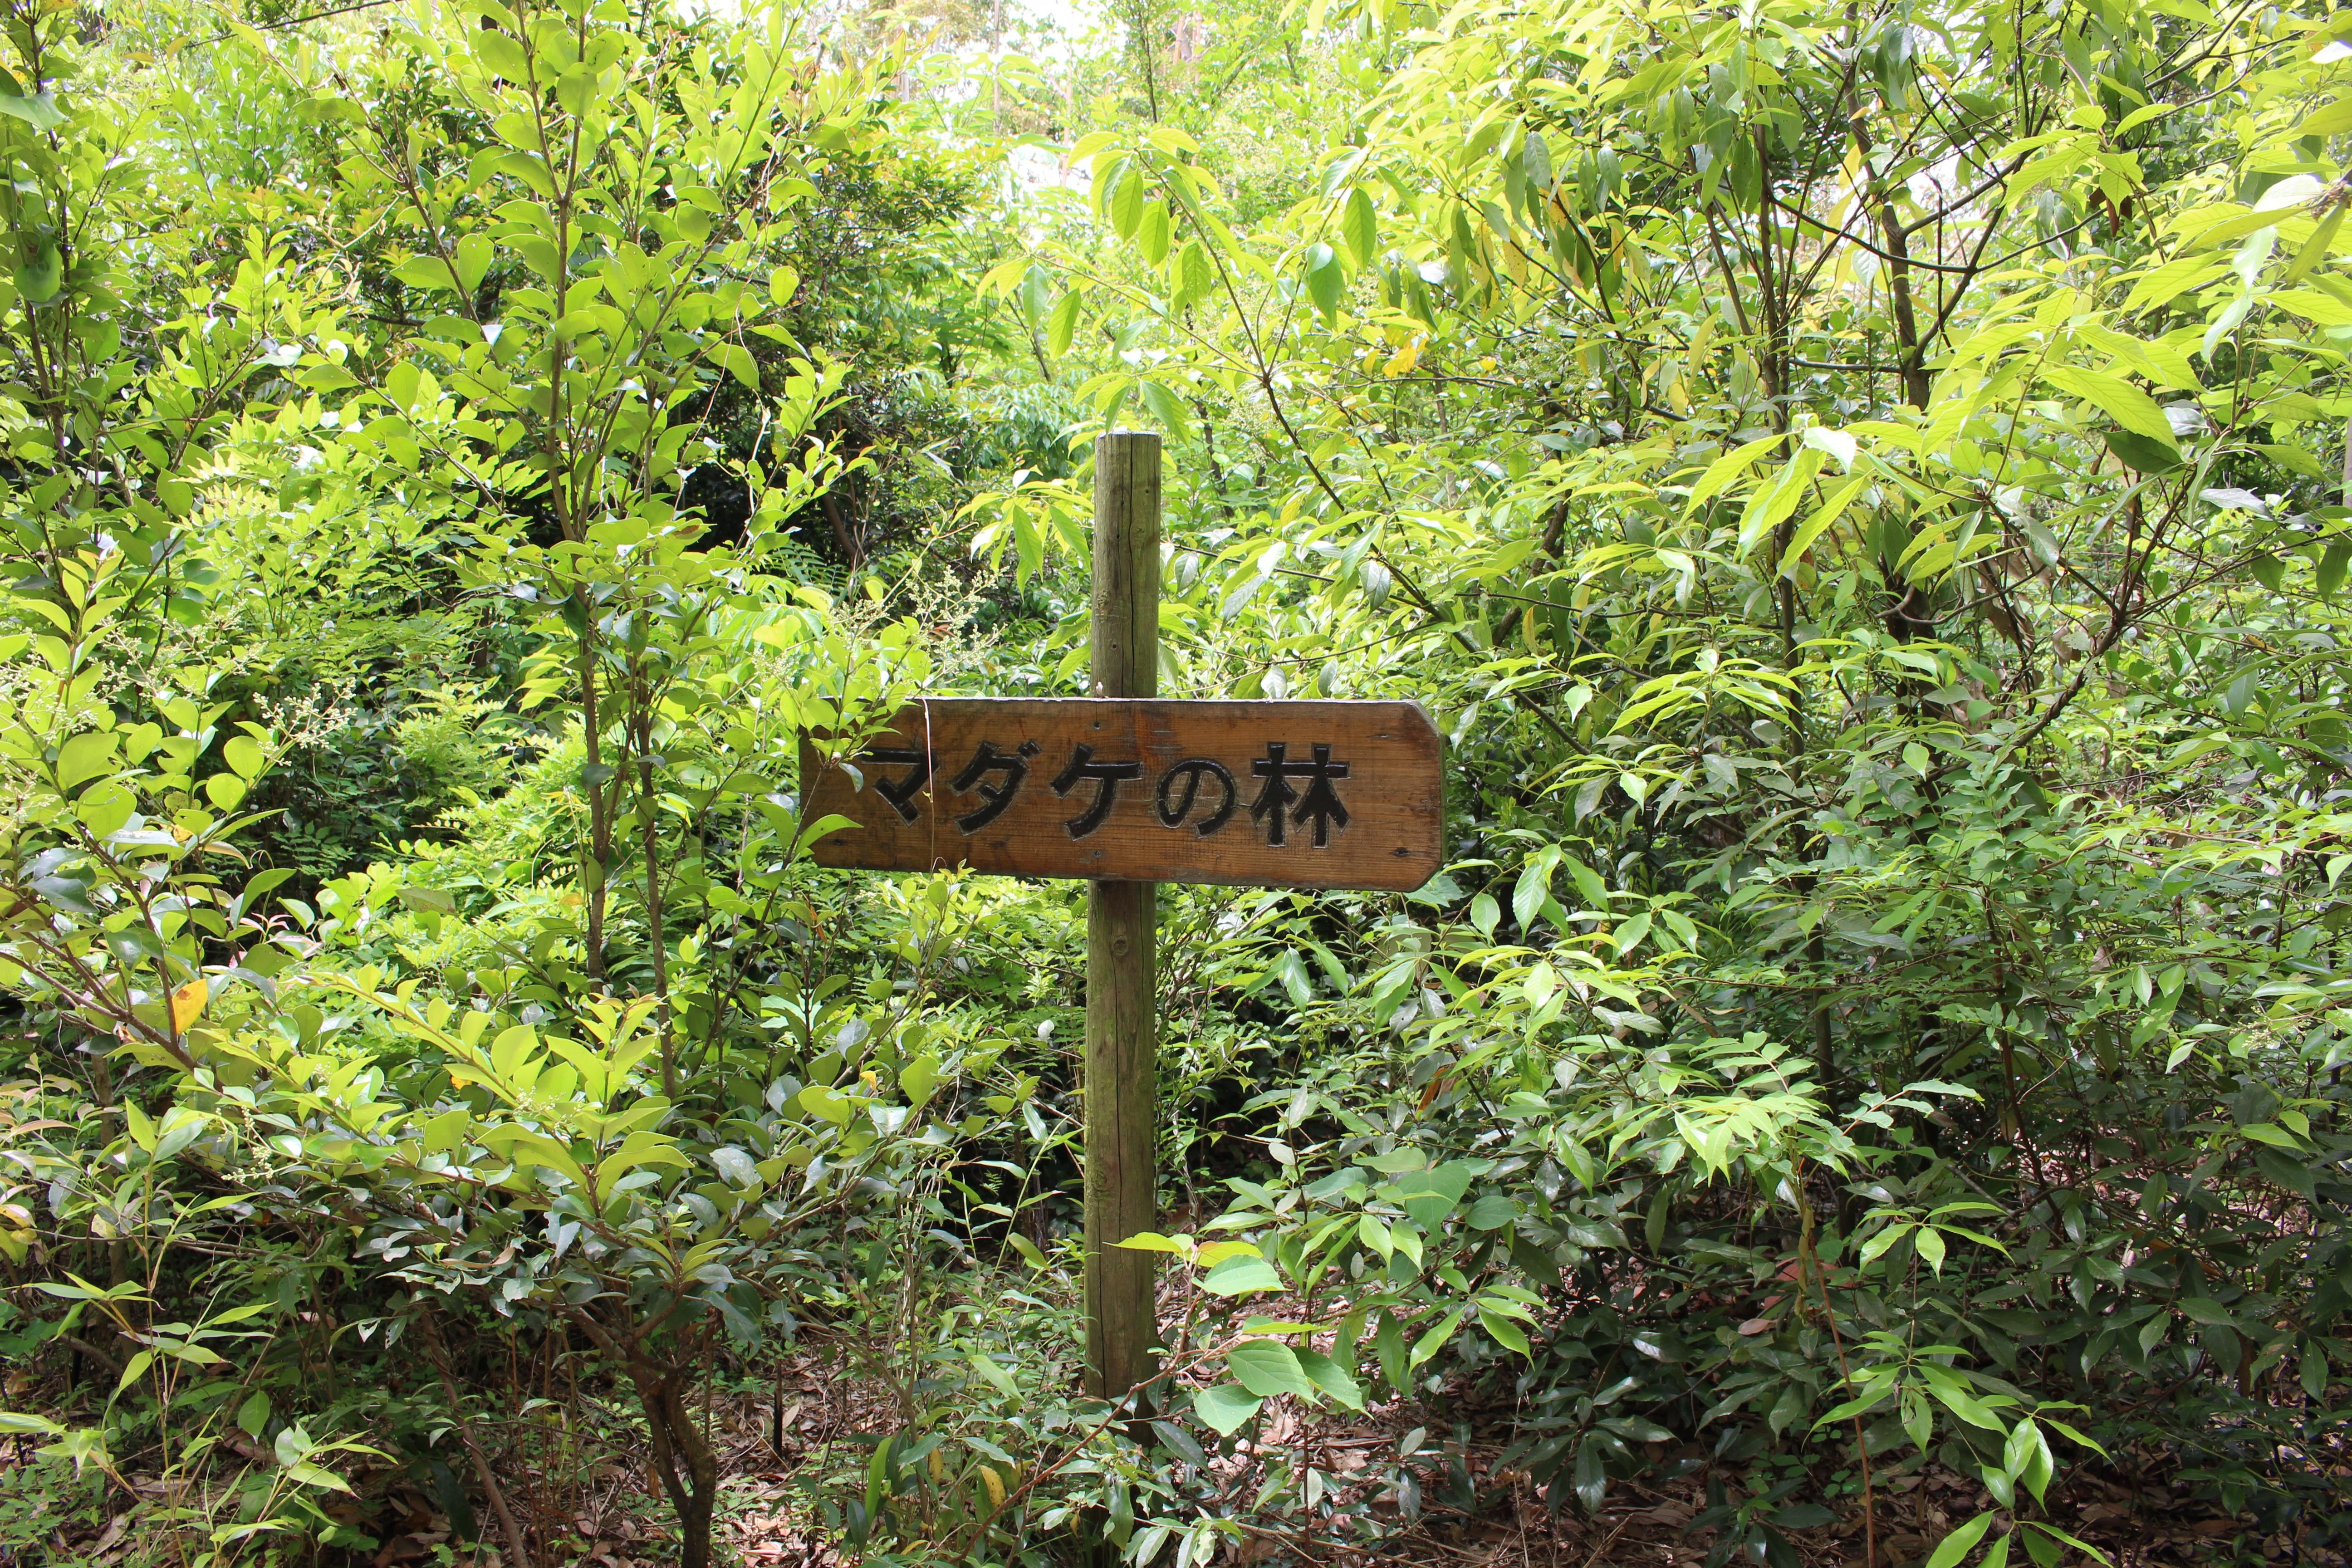 マダケの林